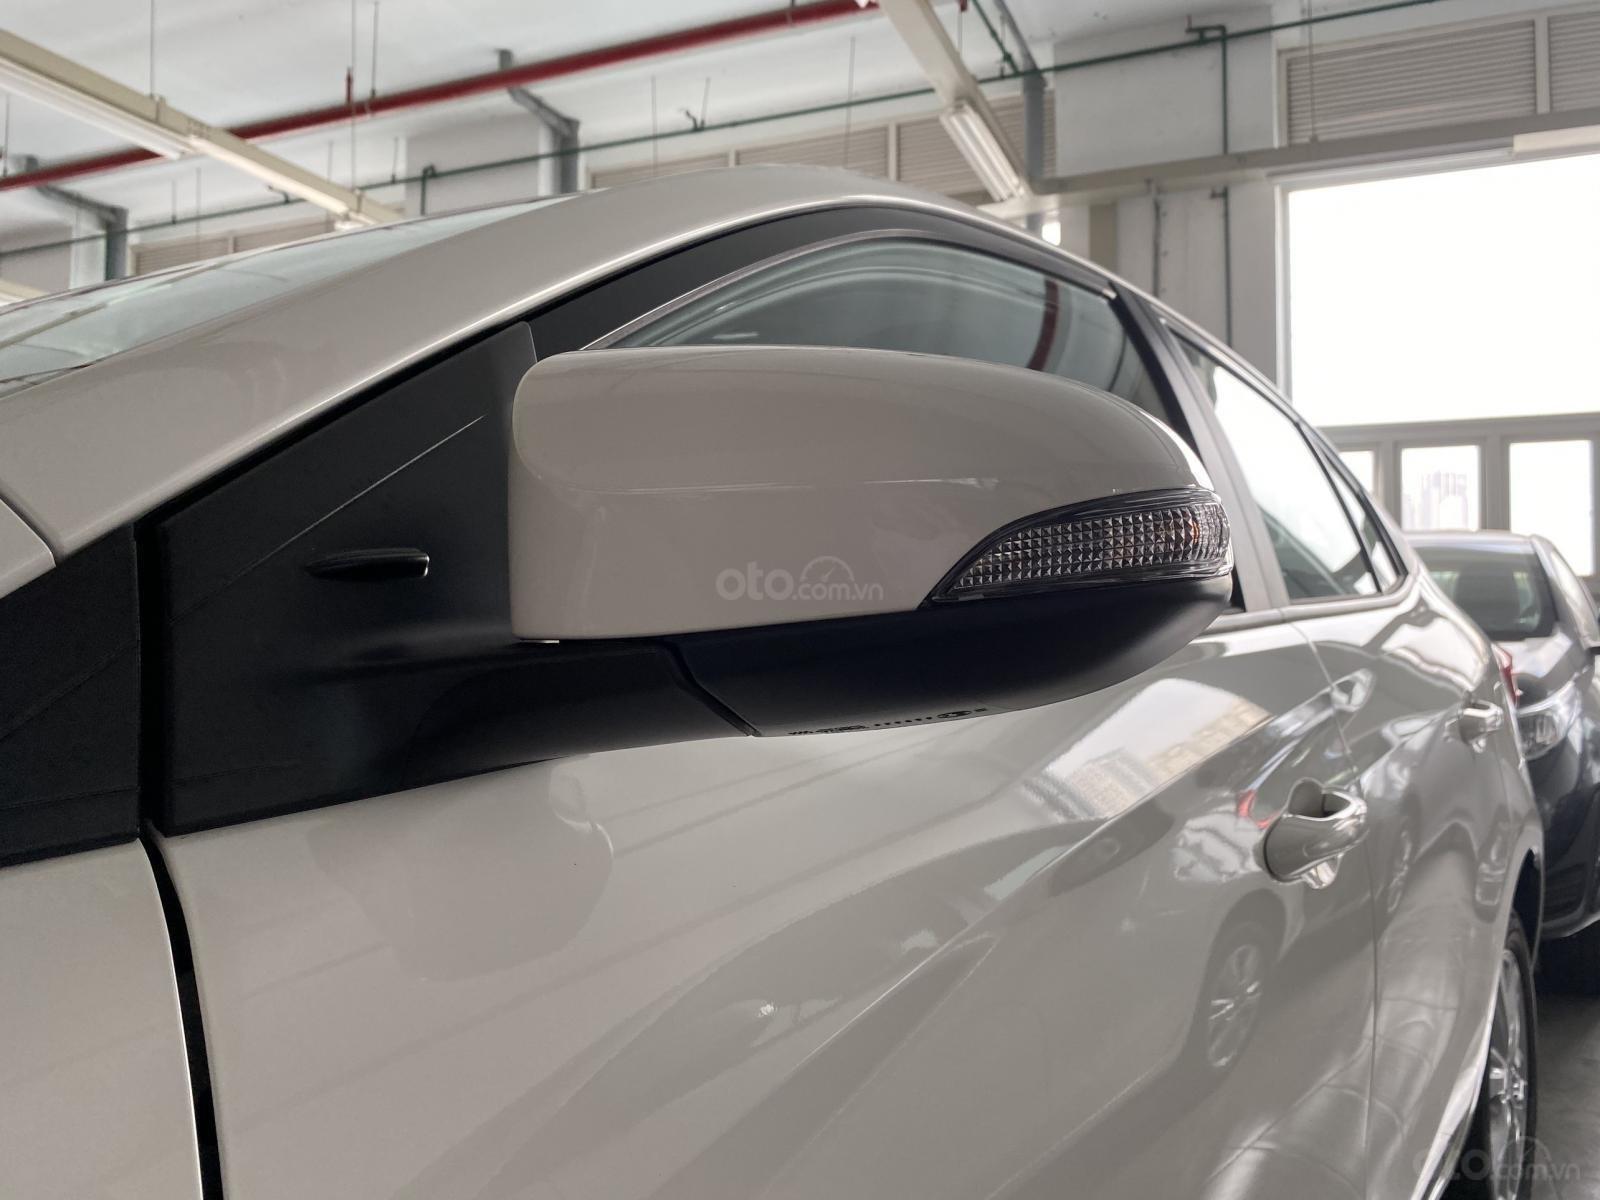 Bán Toyota Vios New 2020 full đồ chơi chính hãng - 0908222277 khuyến mãi bảo hiểm thân xe (4)